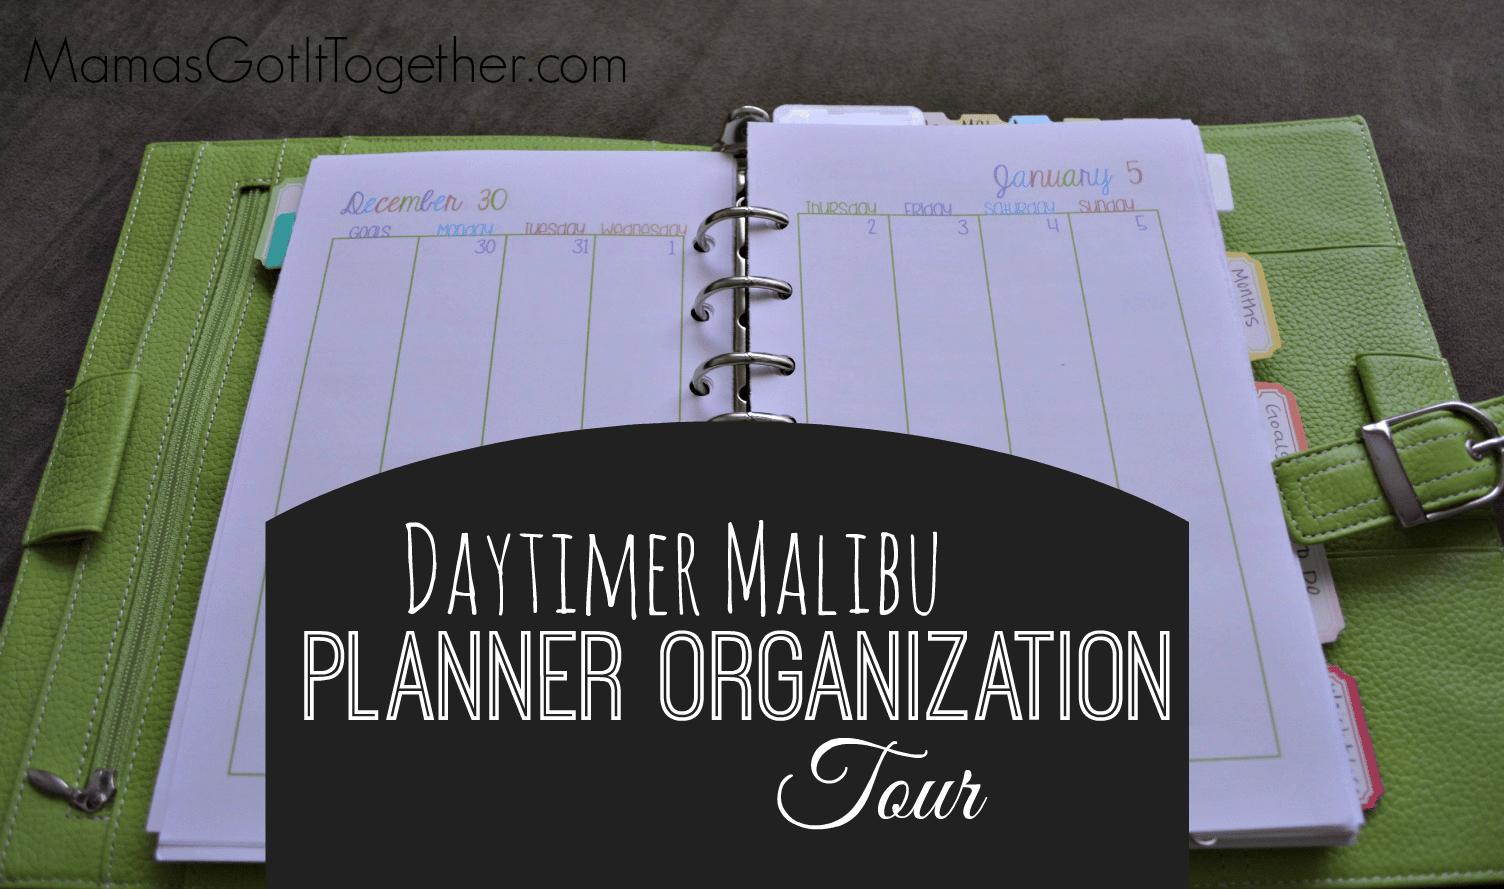 My Personal Planner Organization Tour Planning Inspired – Daytimer Planner